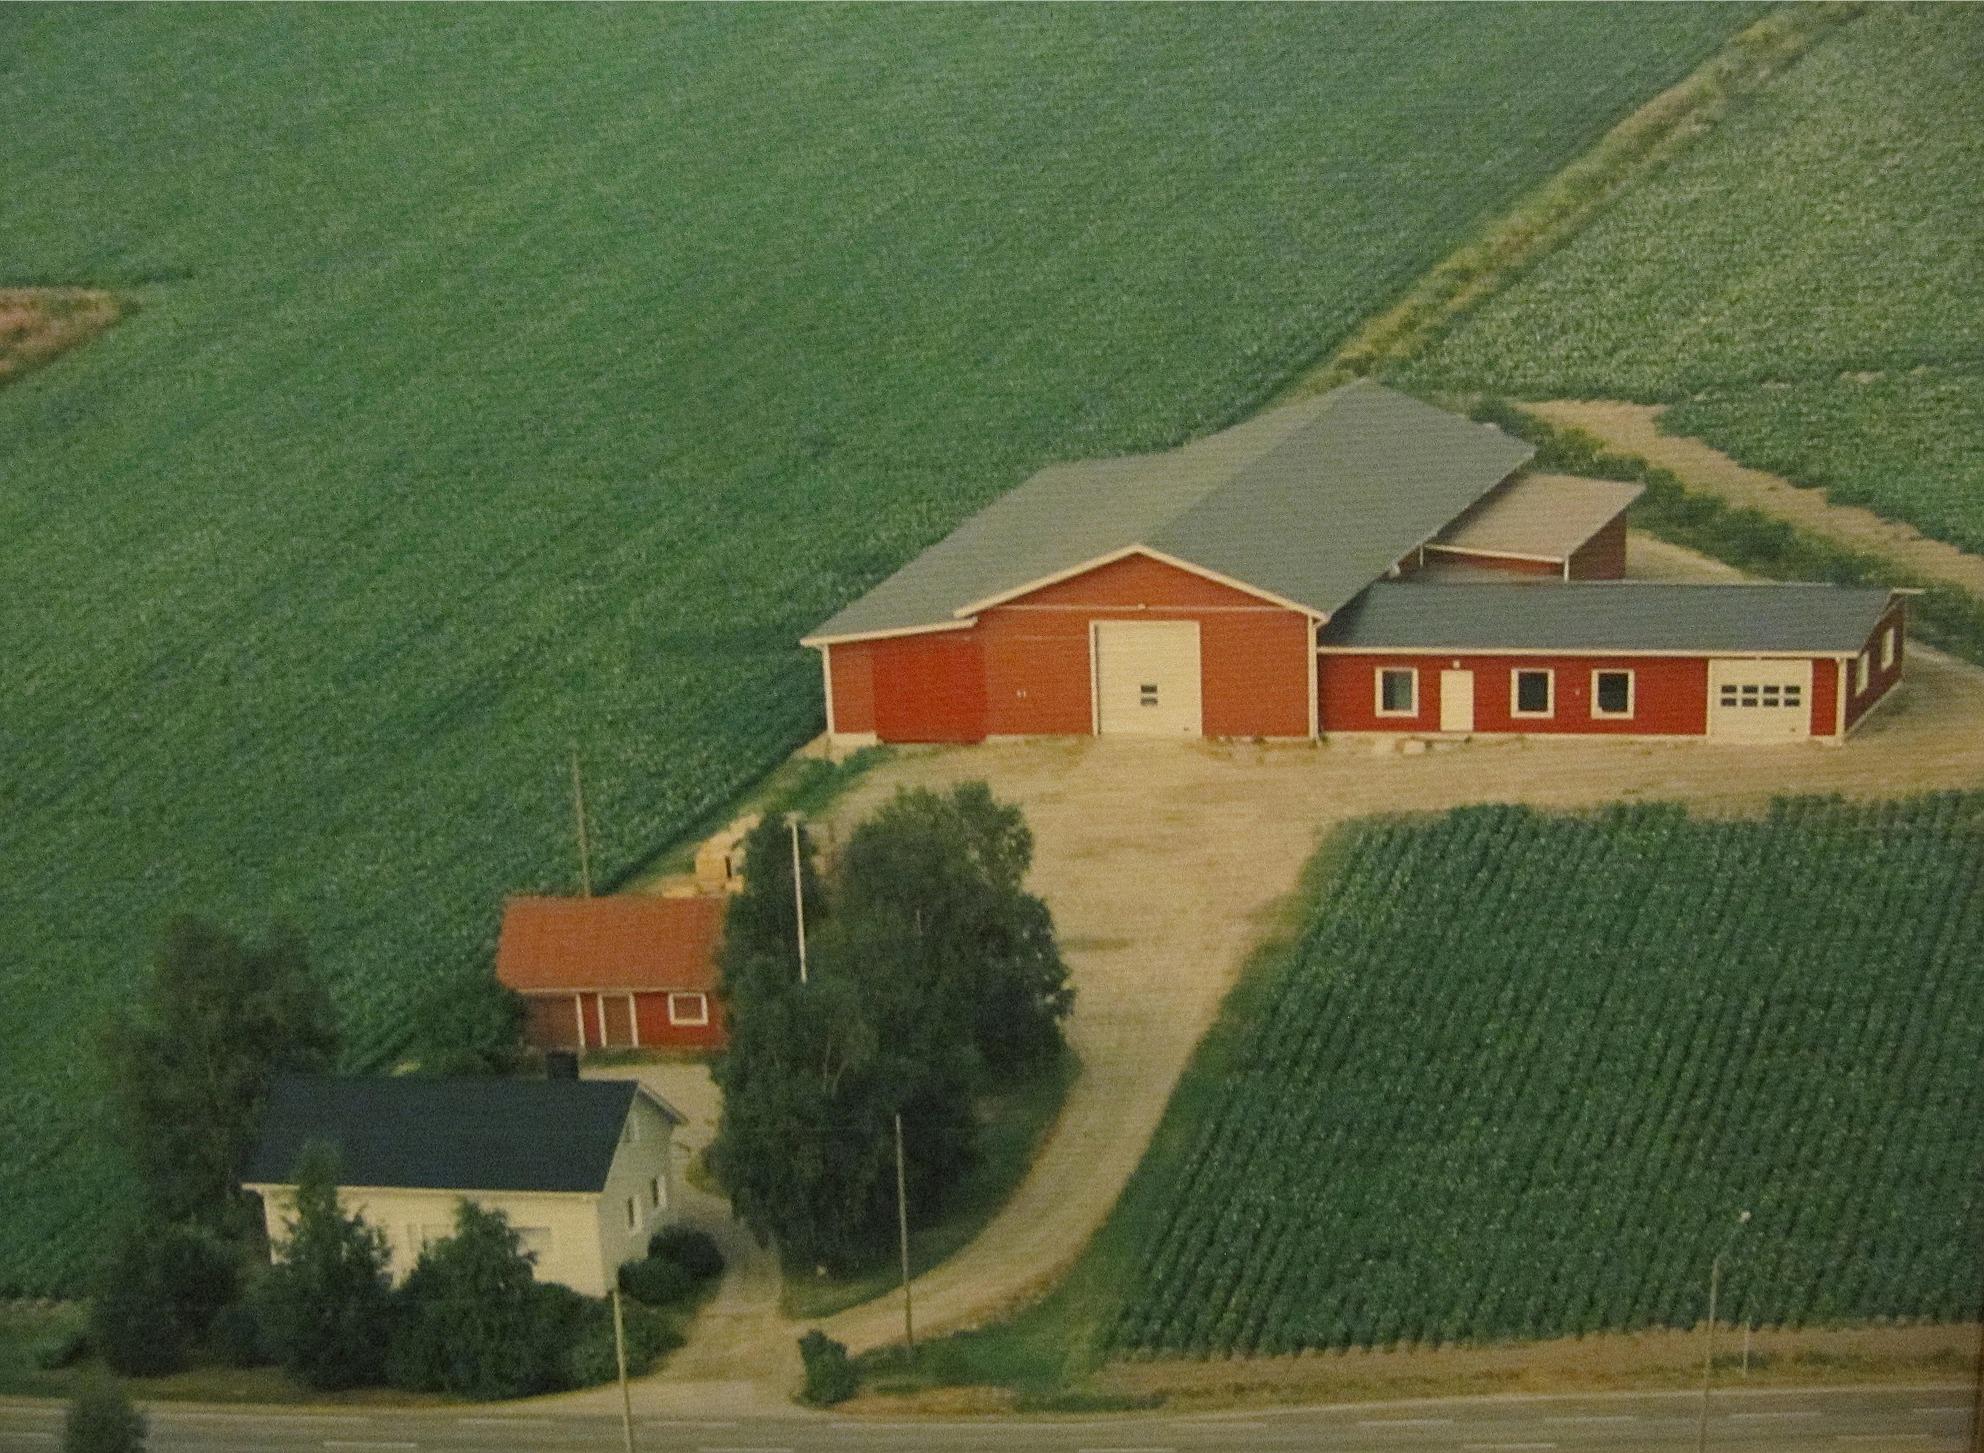 På flygfotot från 1994 så syns Veli Kangas gård nere till vänster. Den stora byggnaden i bakgrunden är Harry Kangas potatislager och verkstad.